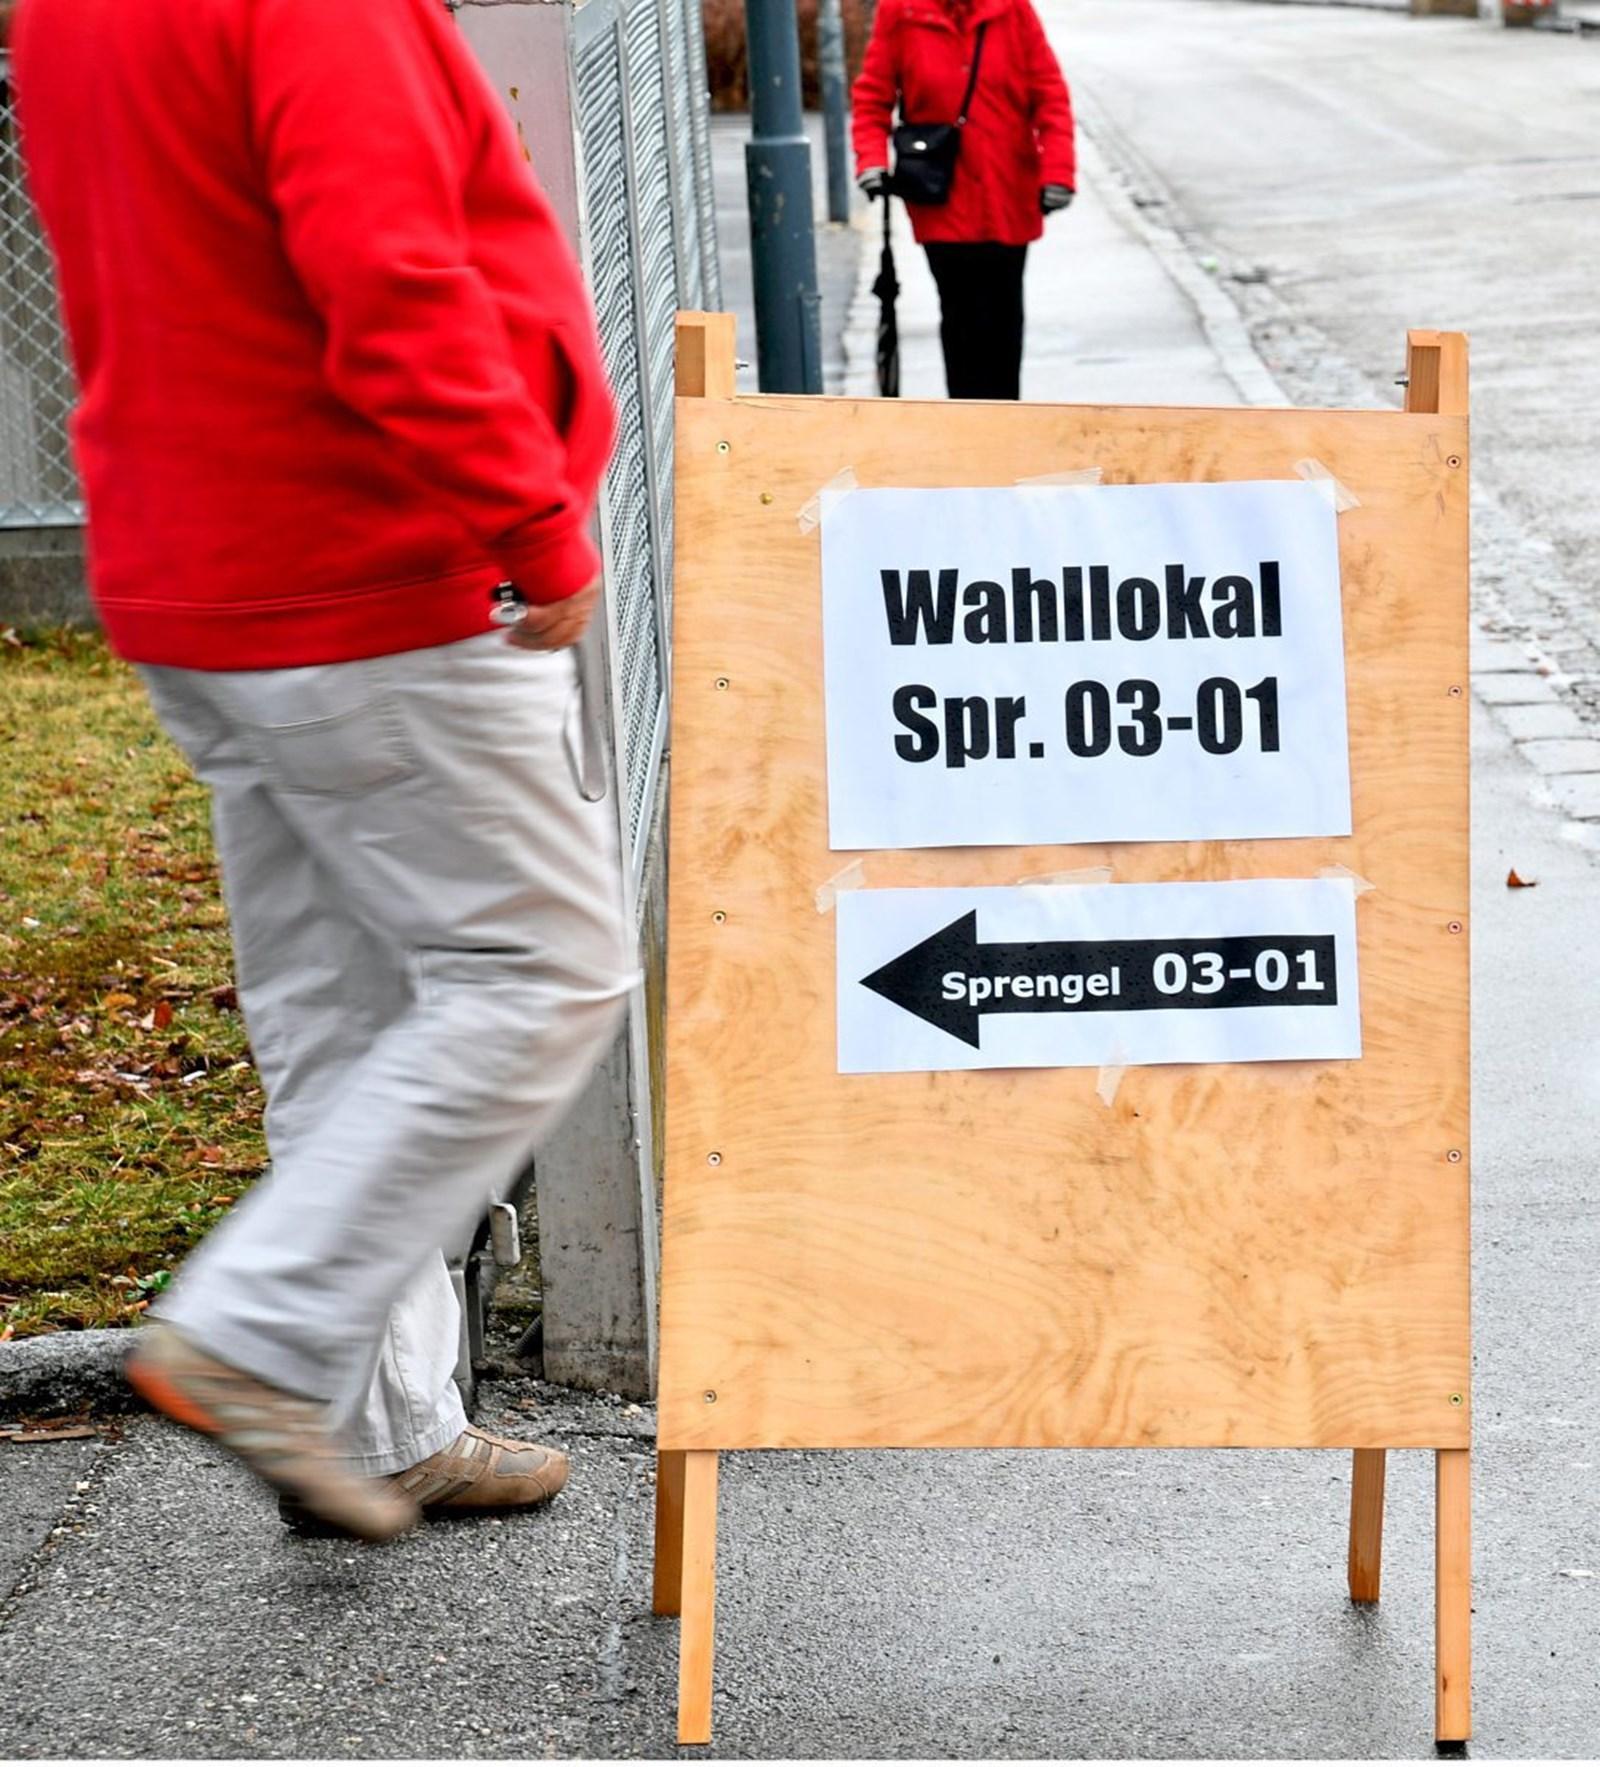 So wählten die Gemeinden in der Salzburger Stichwahl